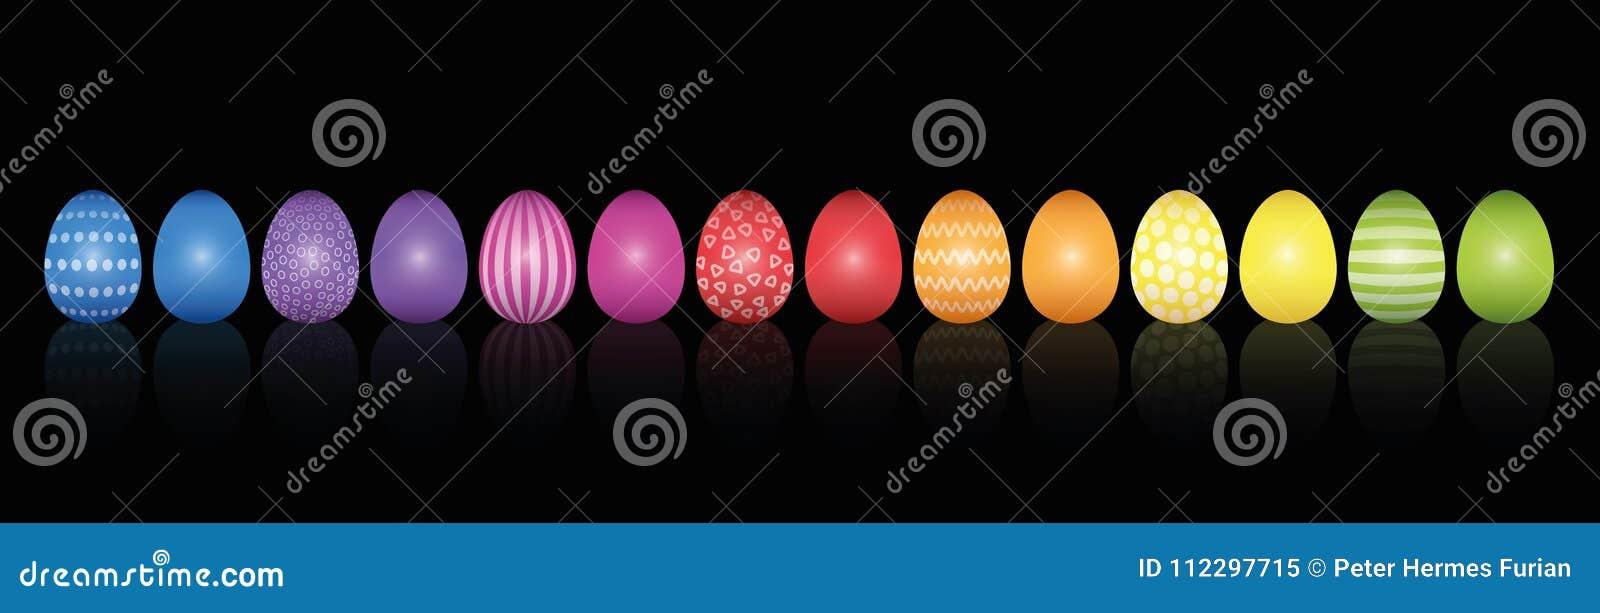 复活节彩蛋黑样式的彩虹色